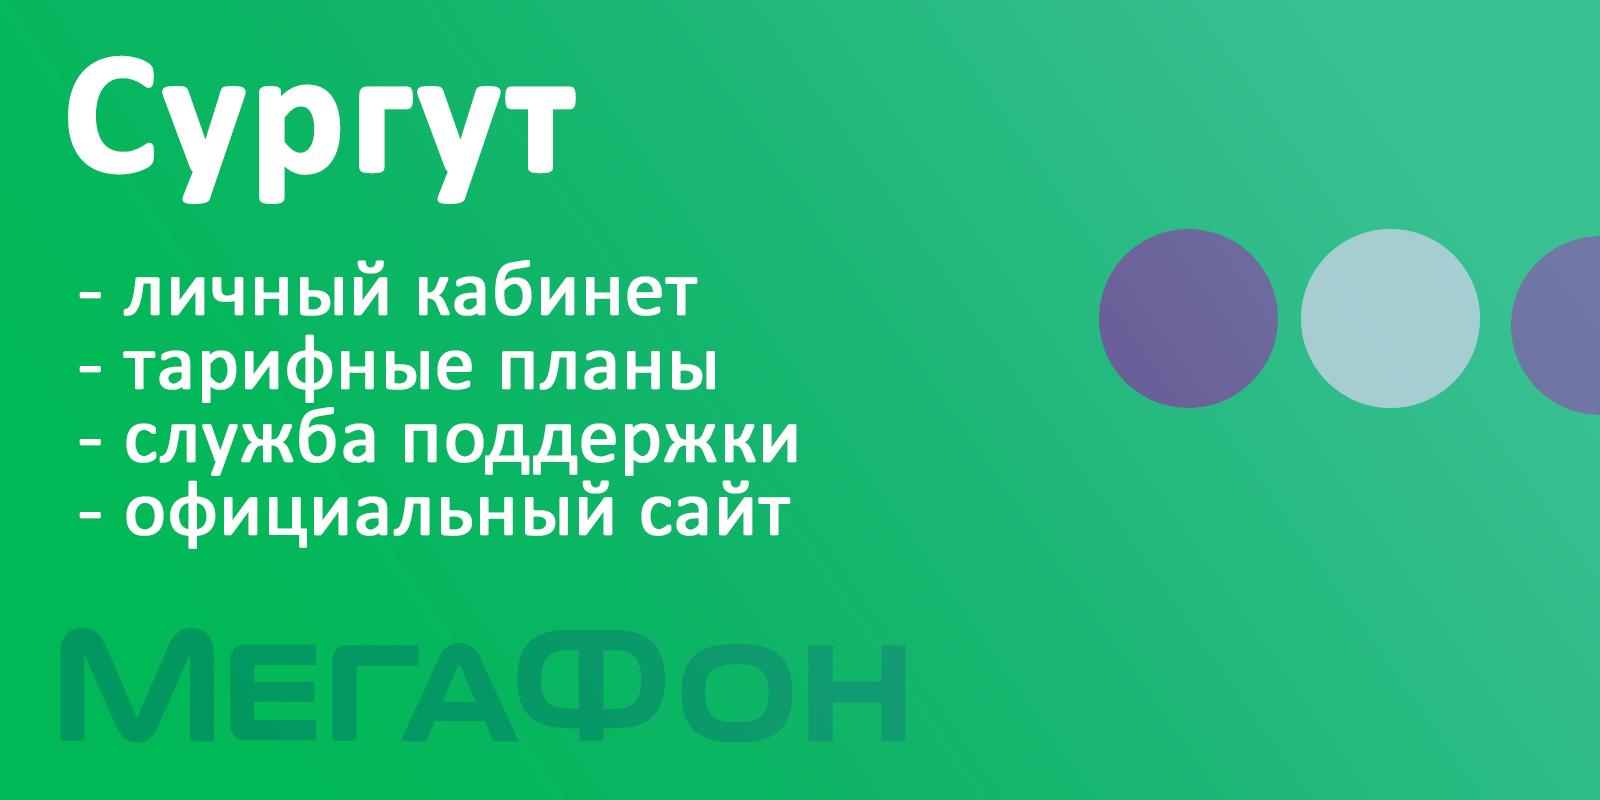 МегаФон Сургут - официальный сайт, тарифы, личный кабинет